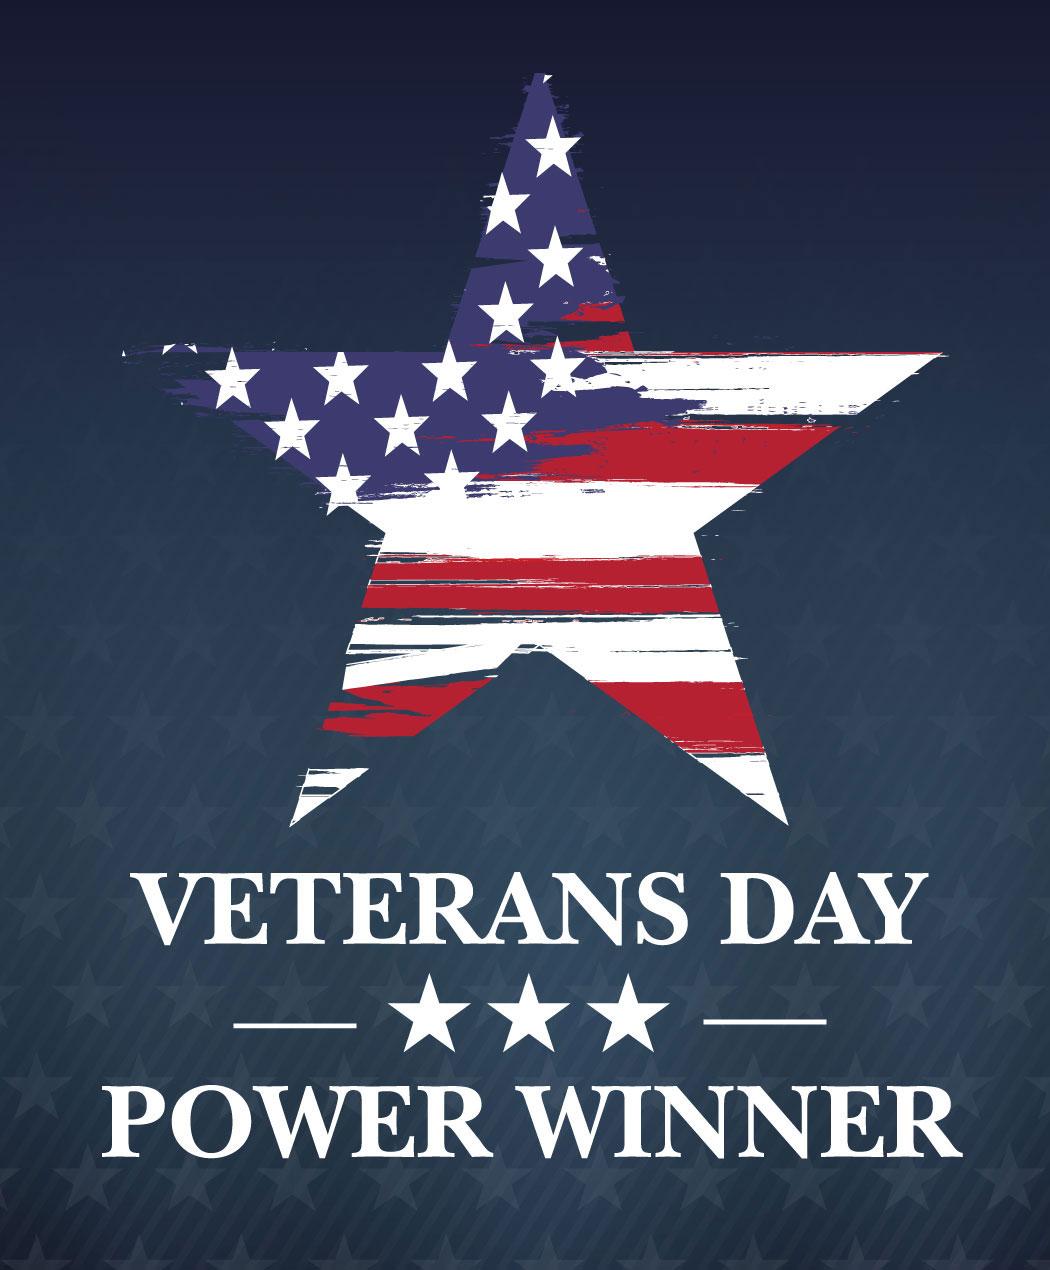 Veterans Day Power Winner